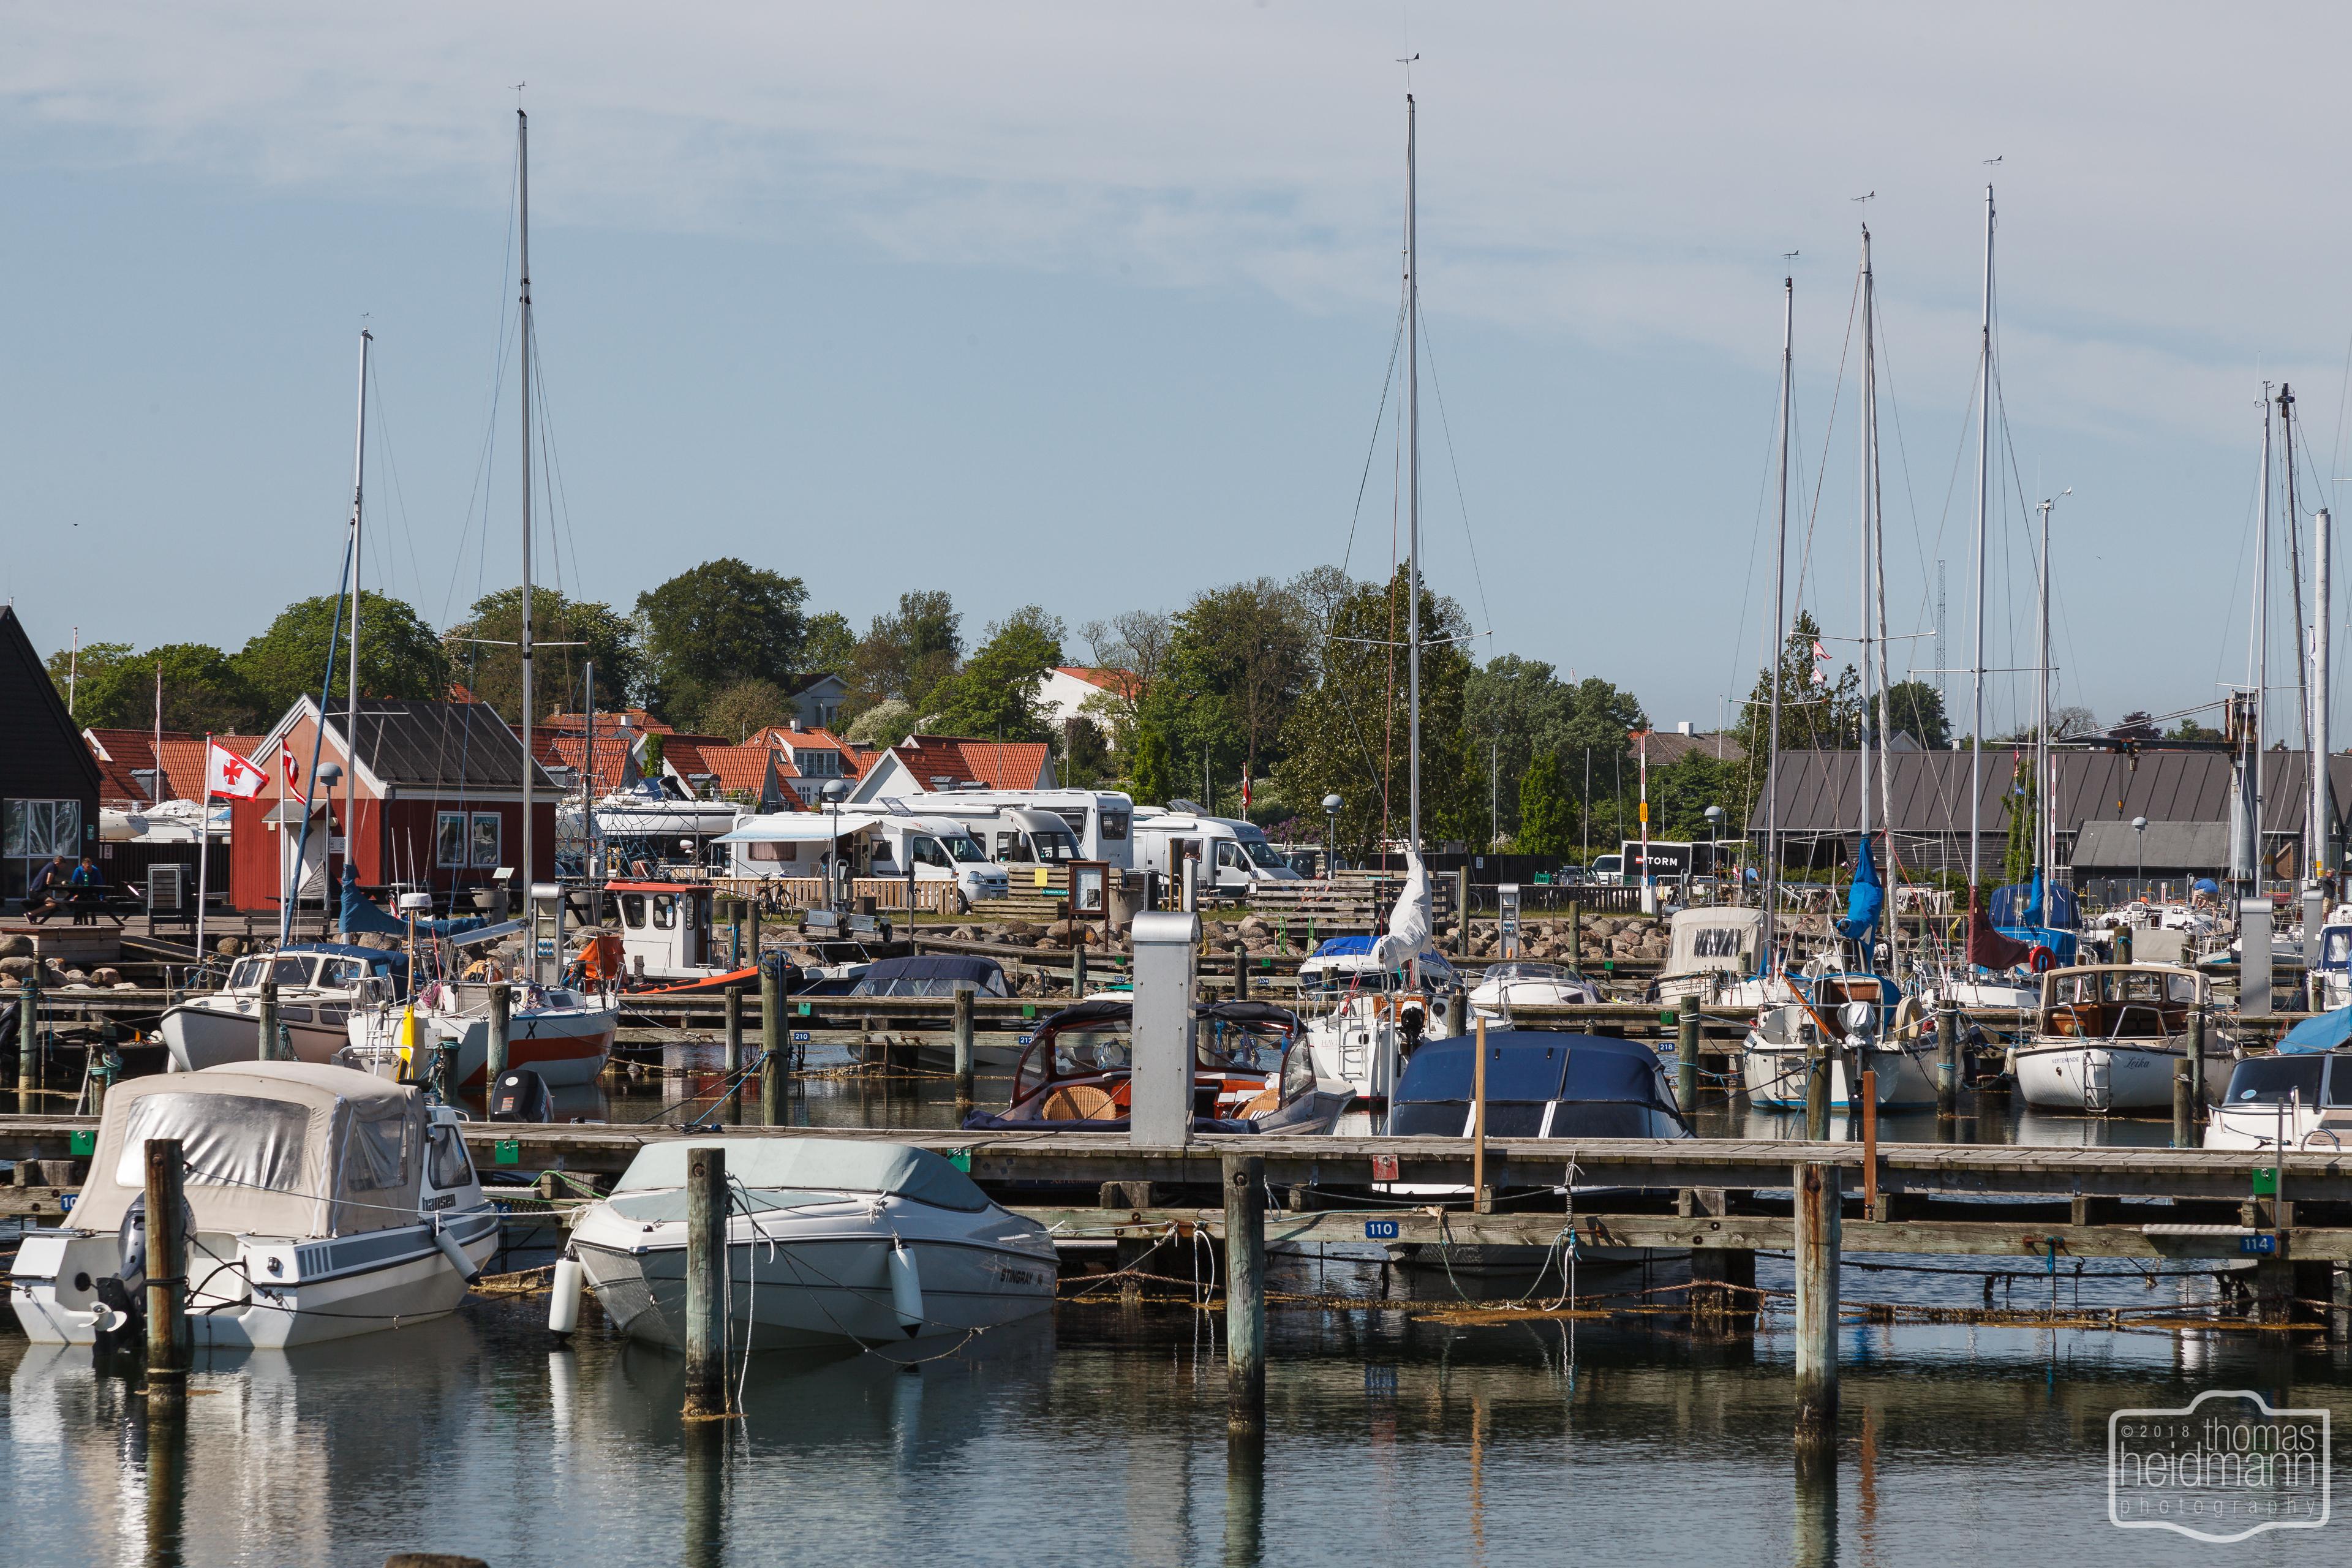 Blick auf den kleinen Stellplatz der Marina Kerteminde auf der Insel Fyn